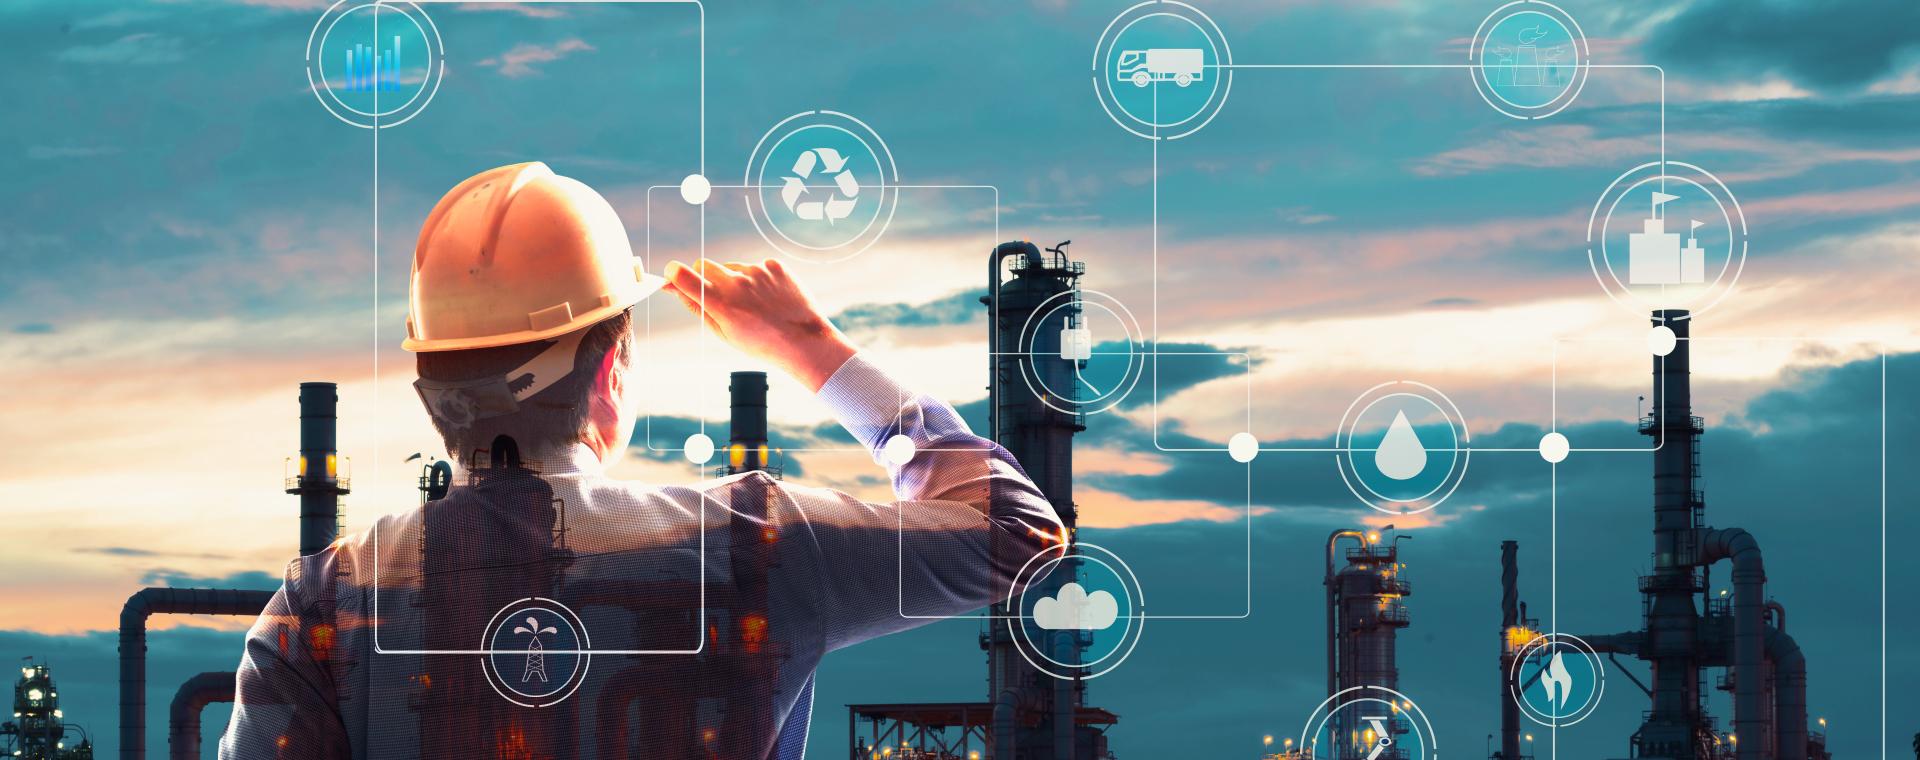 Cantiere 4.0: la digitalizzazione del settore edilizio